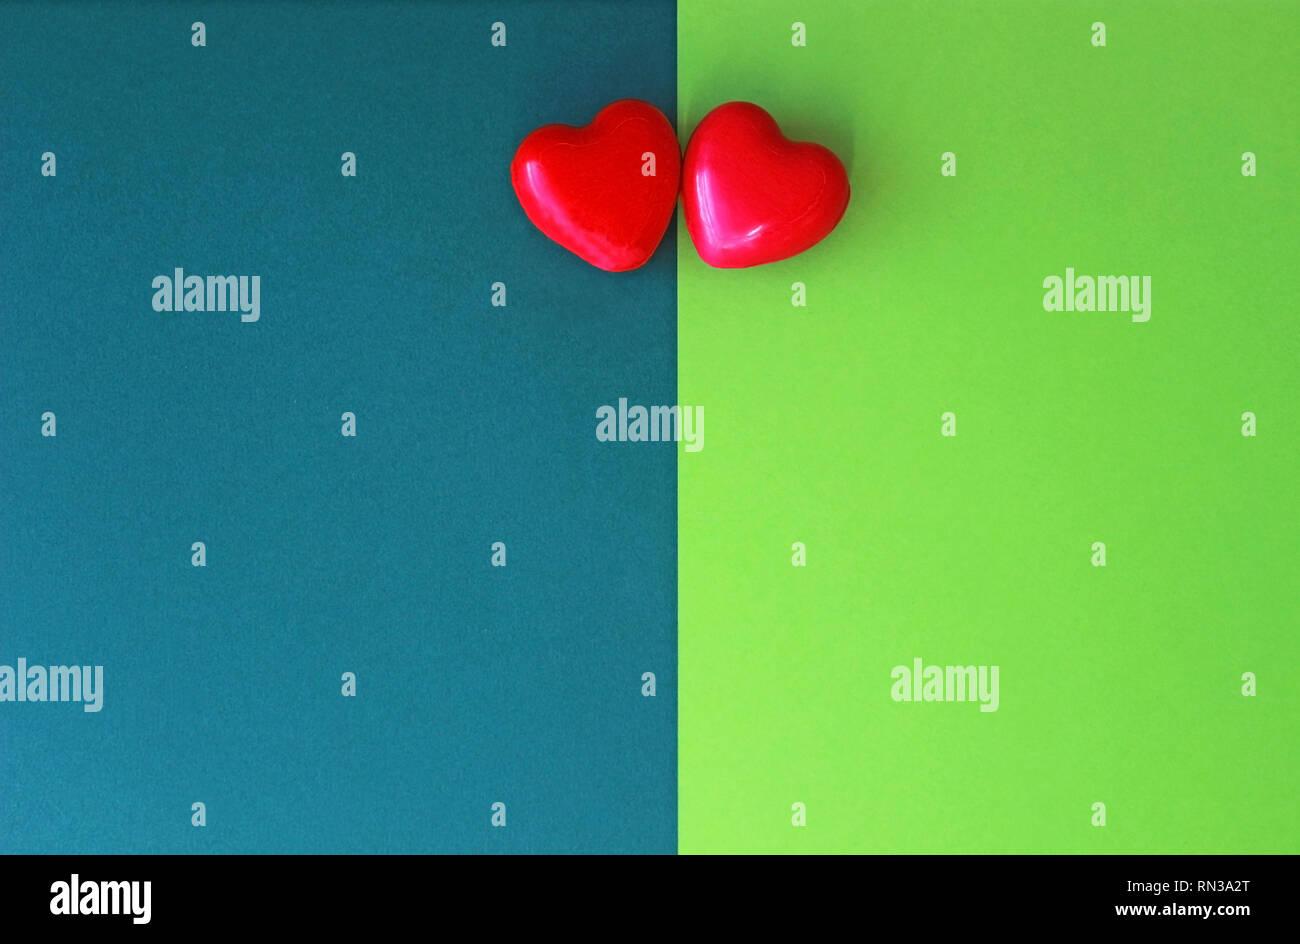 Amore, due cuori rossi affiancati su sfondo verde Immagini Stock